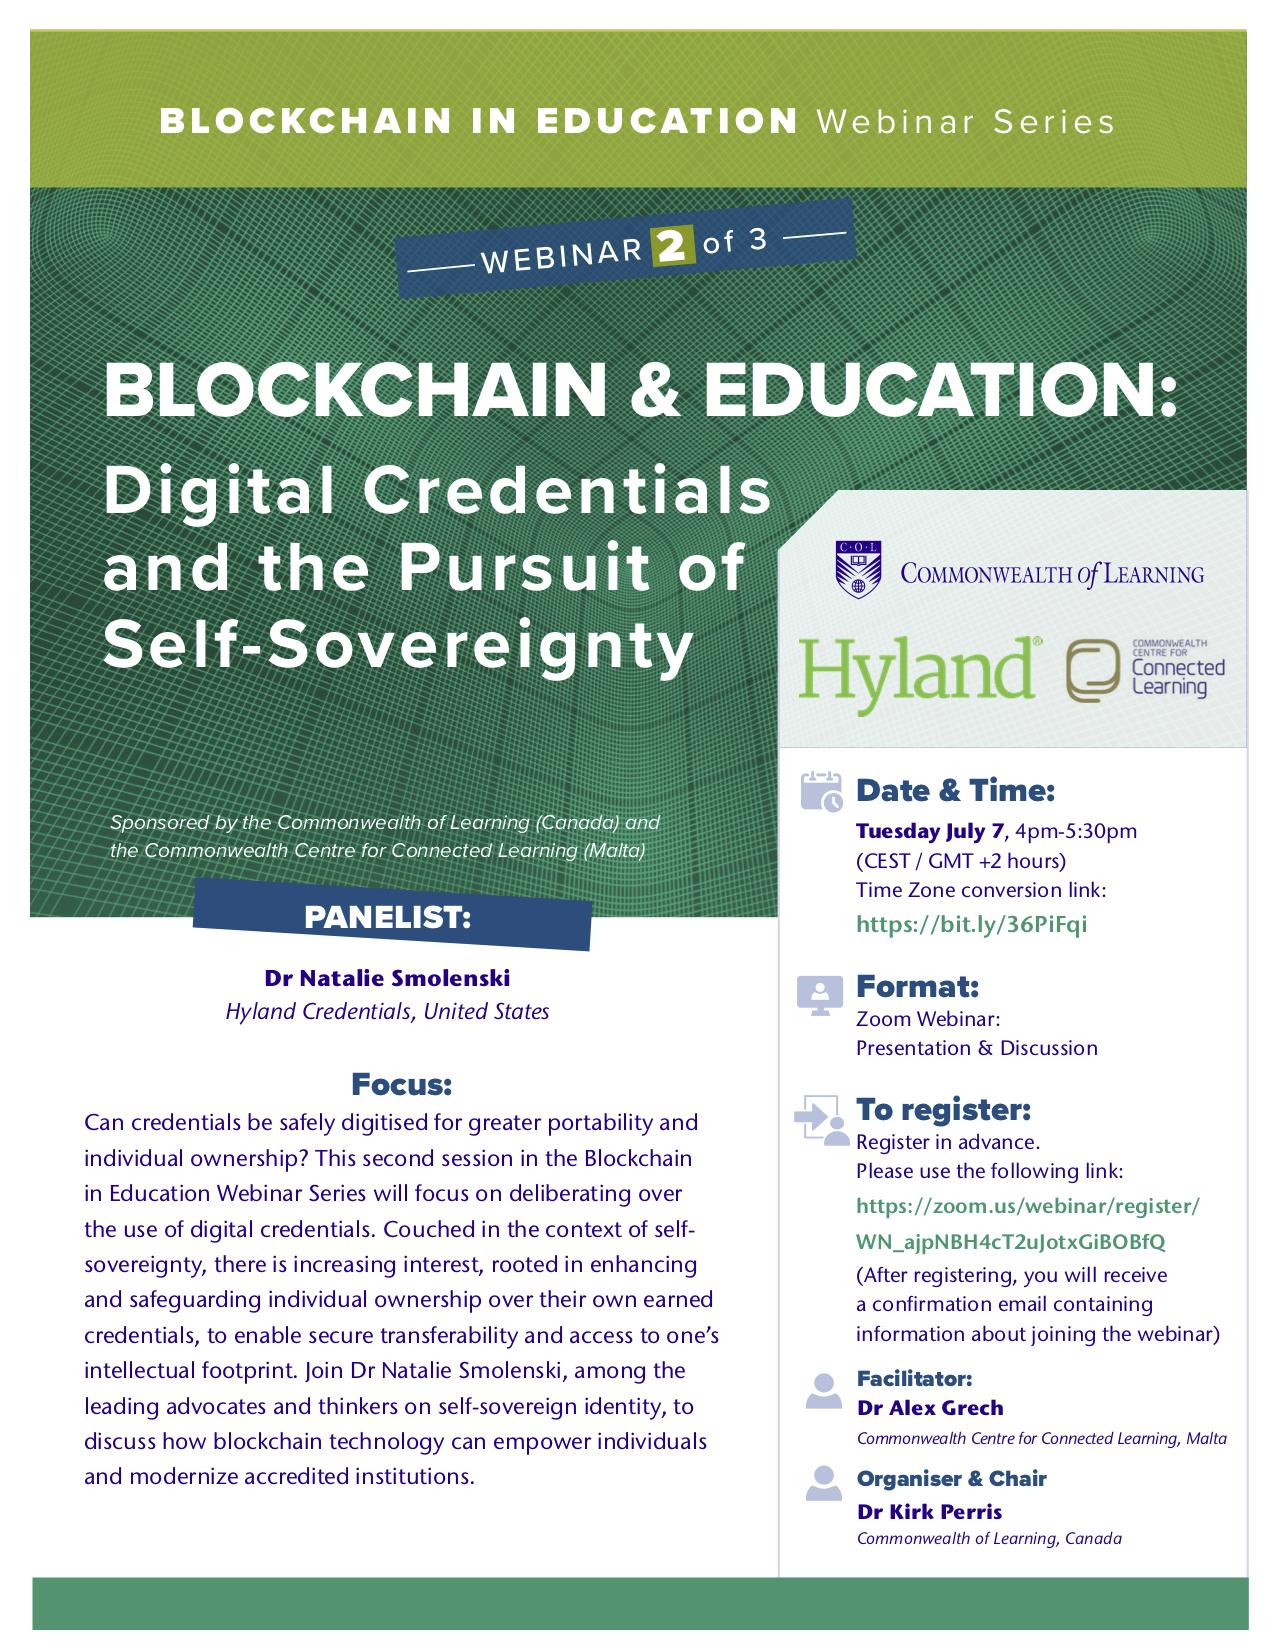 Blockchain Webinar 2